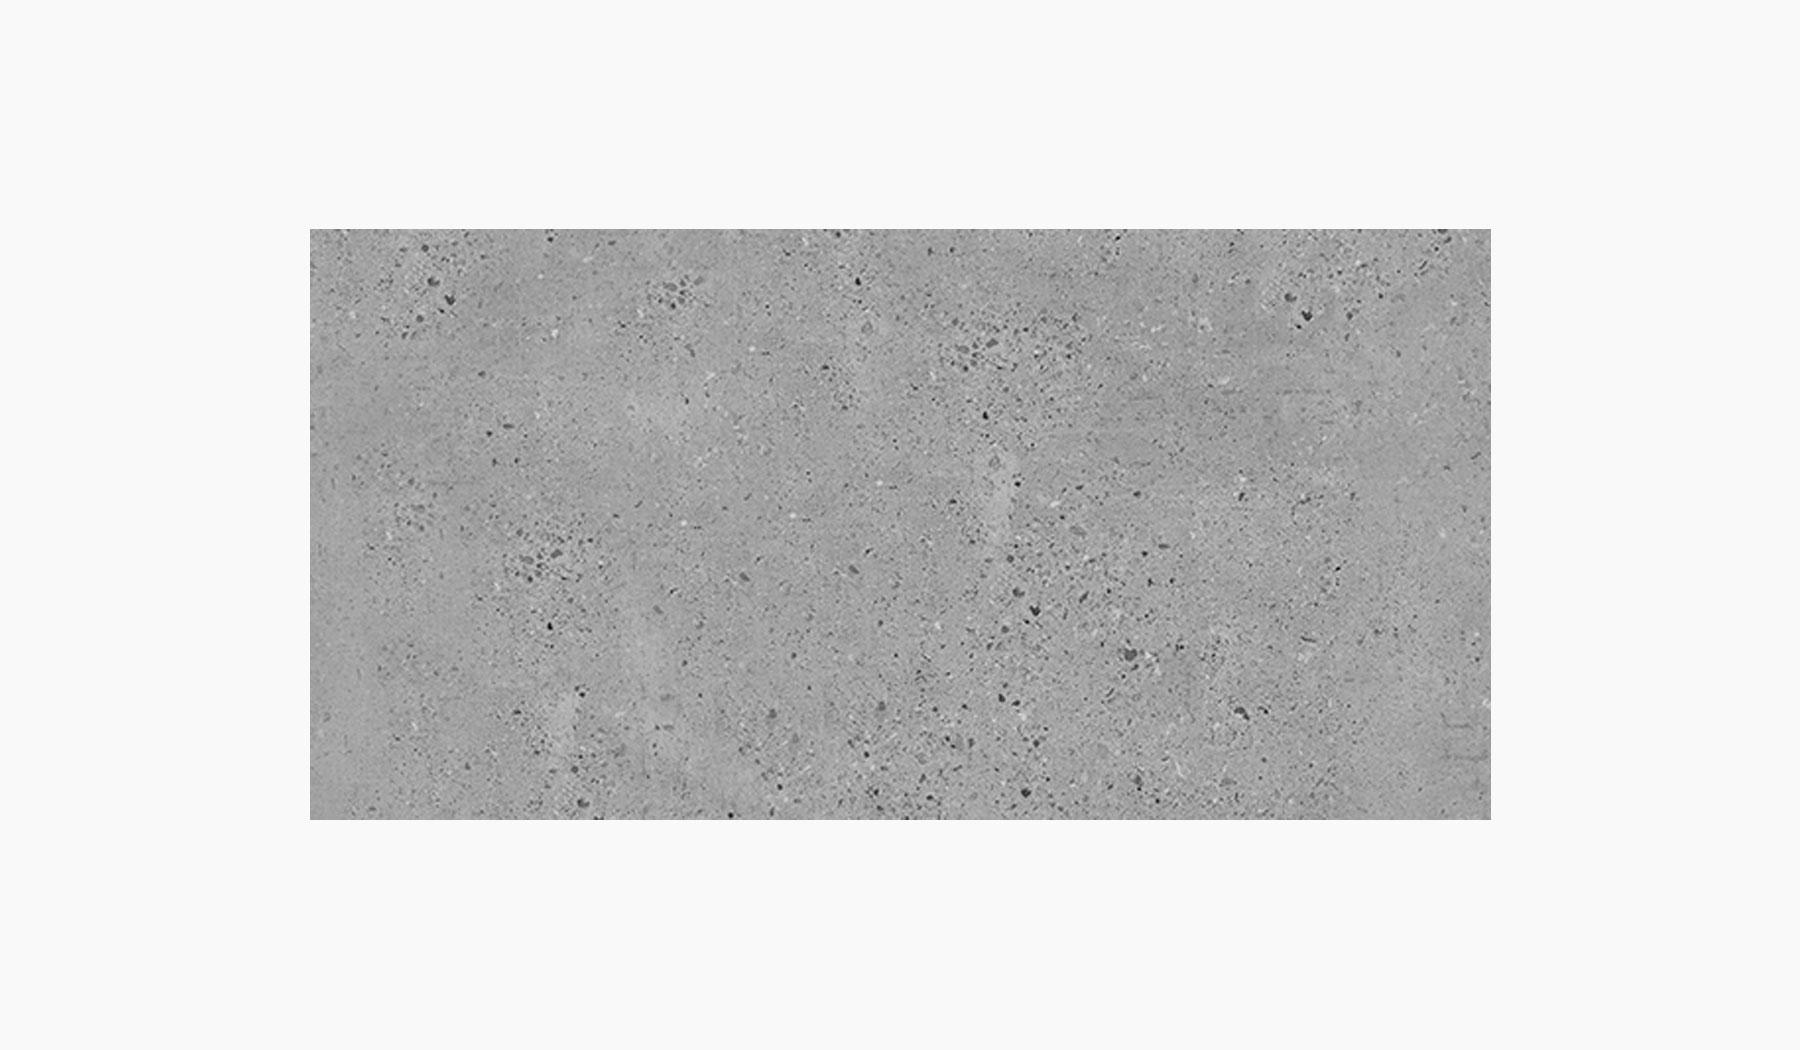 کاشی و سرامیک بوم سرامیک ، سرامیک پرسلان فابریان طوسی تیره سایز 60*120 لعاب مات صاف با زمینه سیمانی